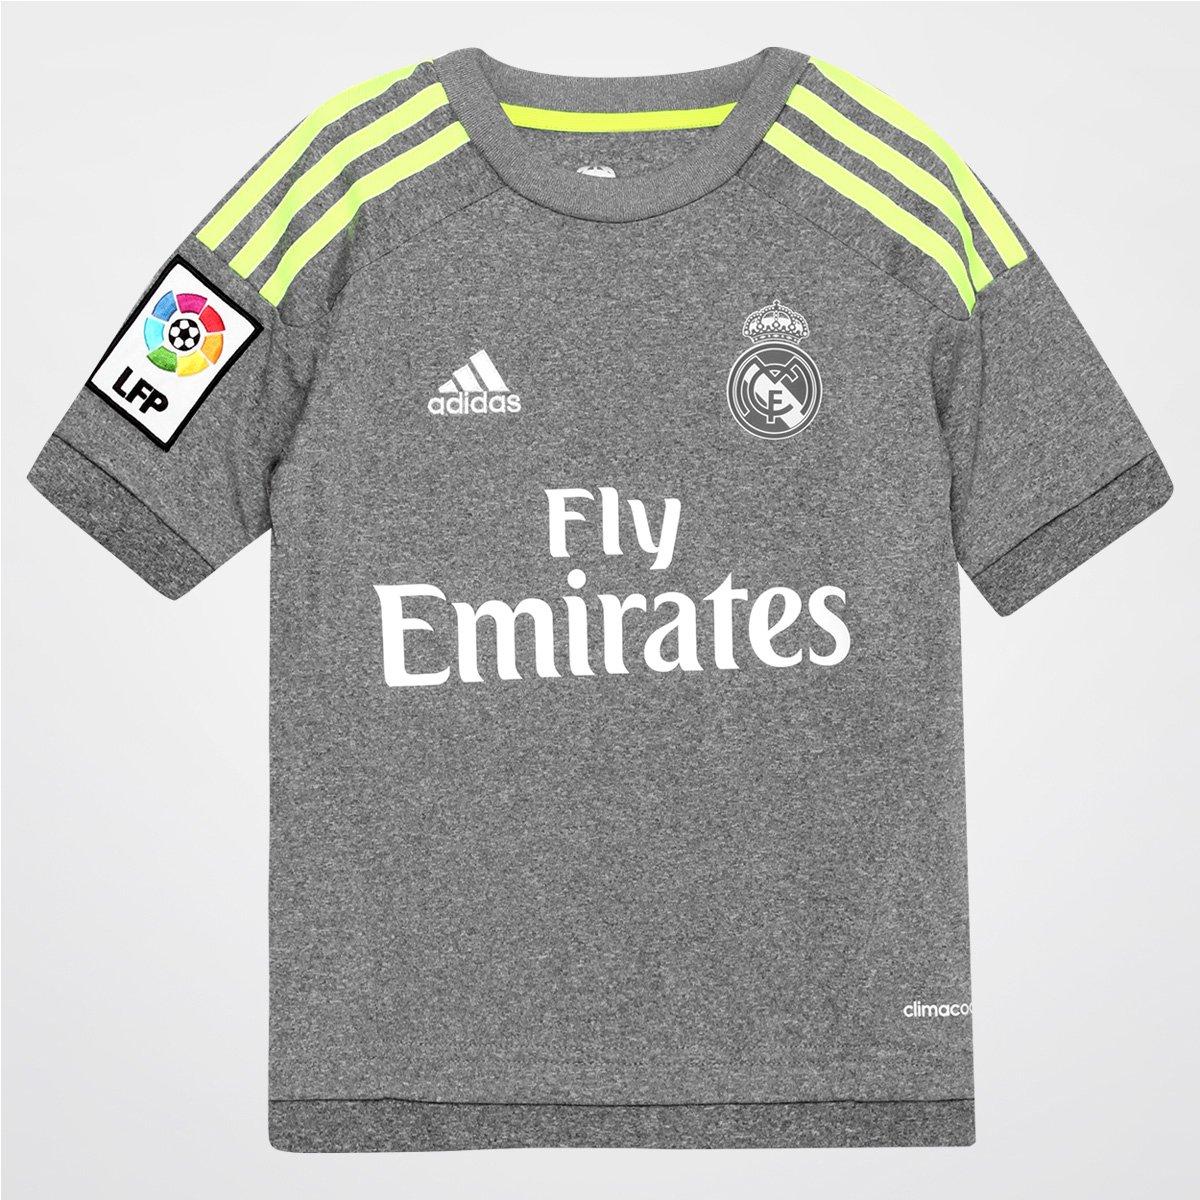 Camisa Real Madrid Infantil Away 15 16 s nº Torcedor Adidas - Compre Agora   e9953cc410f07